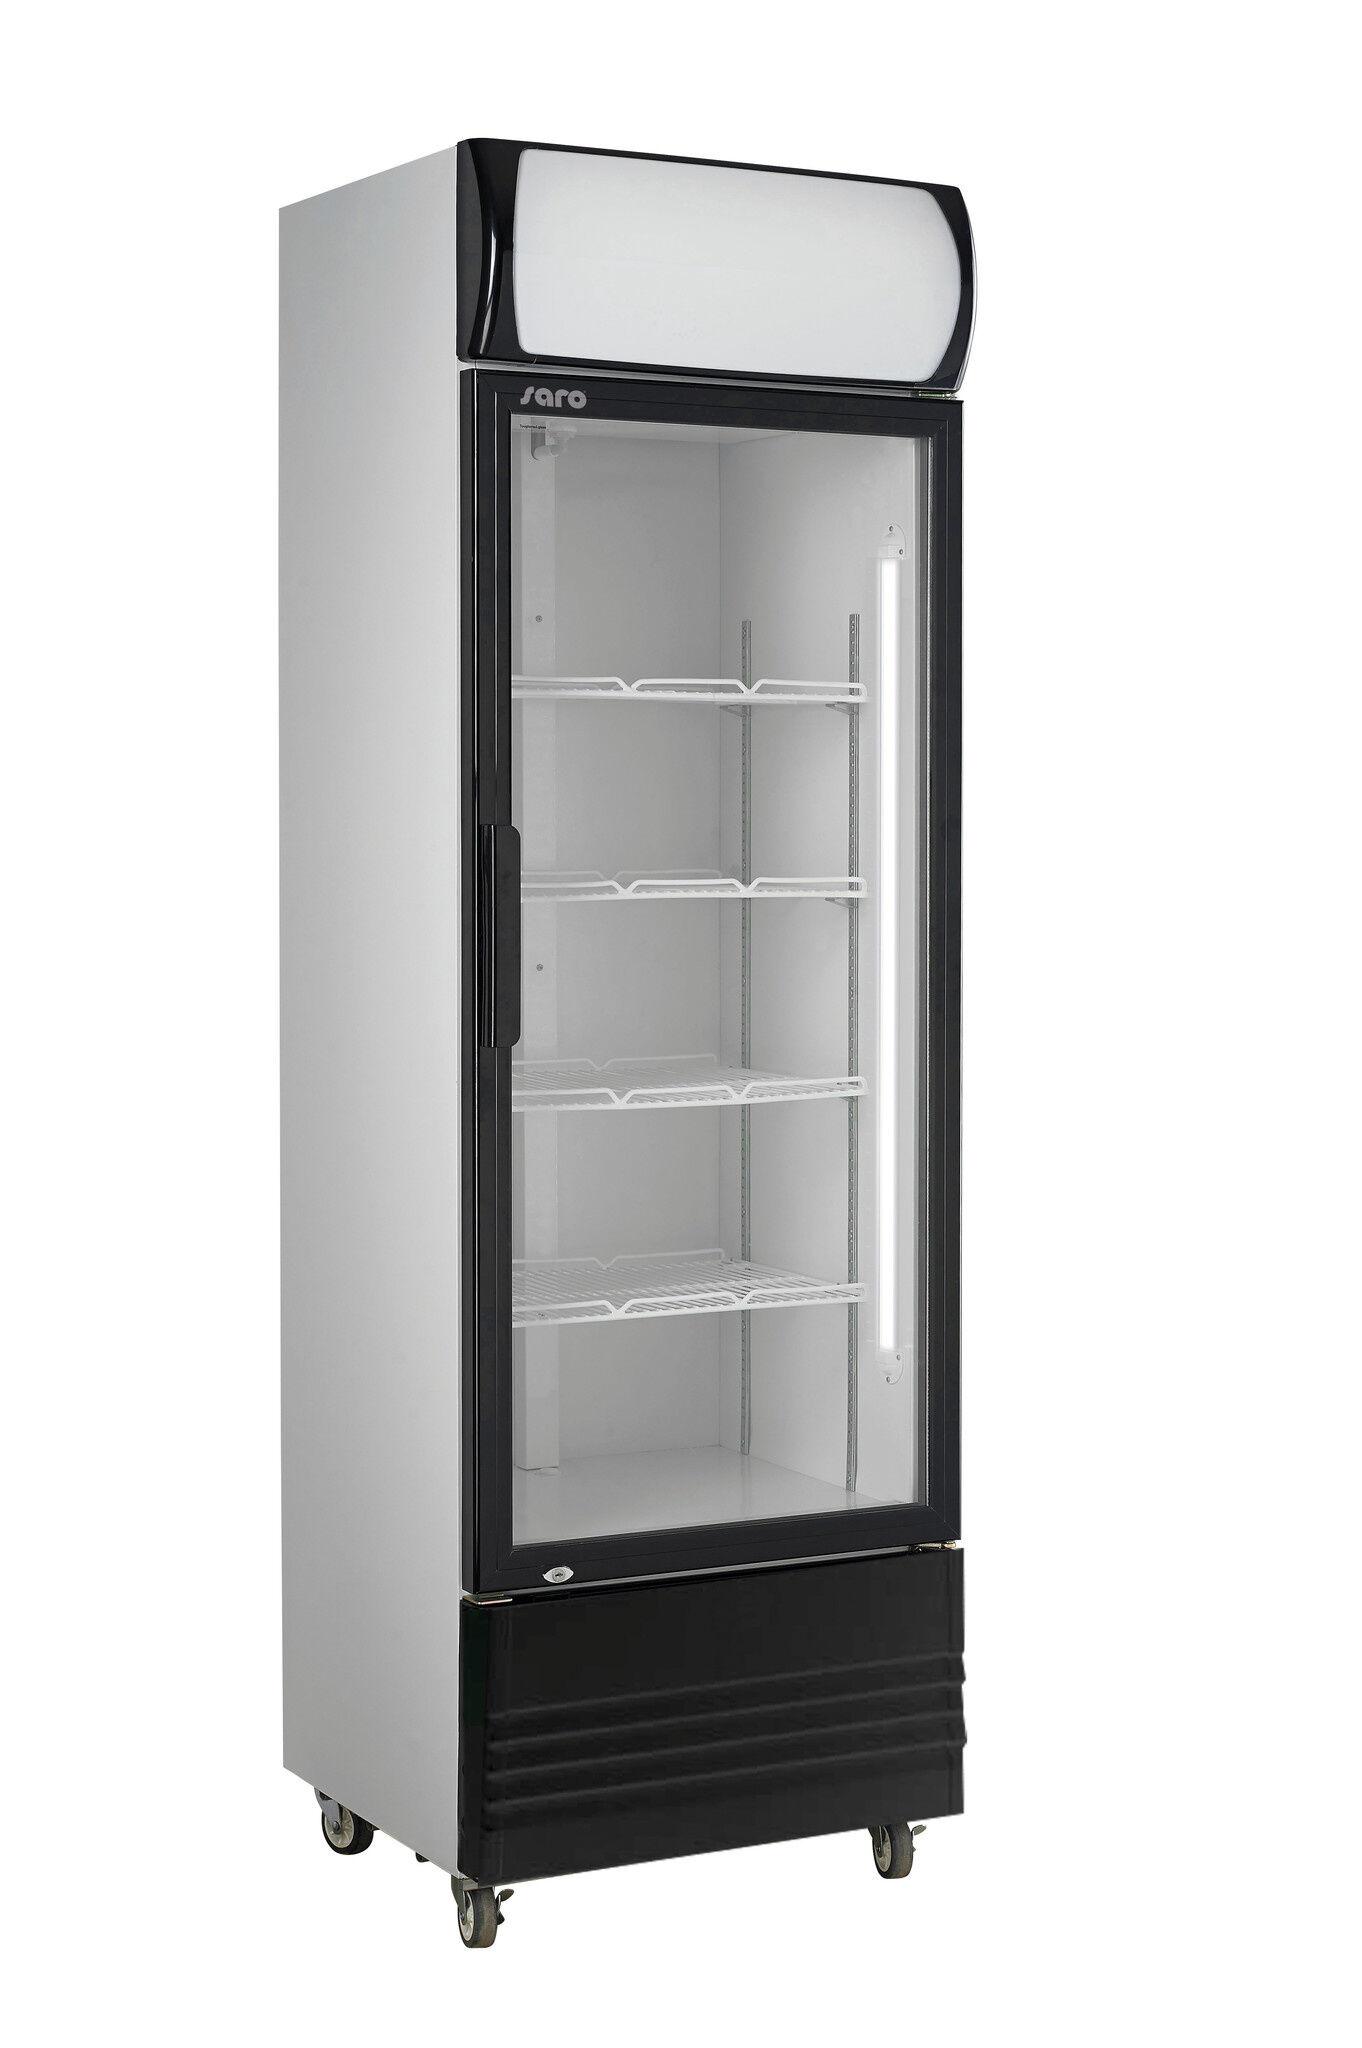 Saro Refroidisseur de Bouteille Avec porte en verre Éclairage led 320 Litres 570x601x(H)1820mm